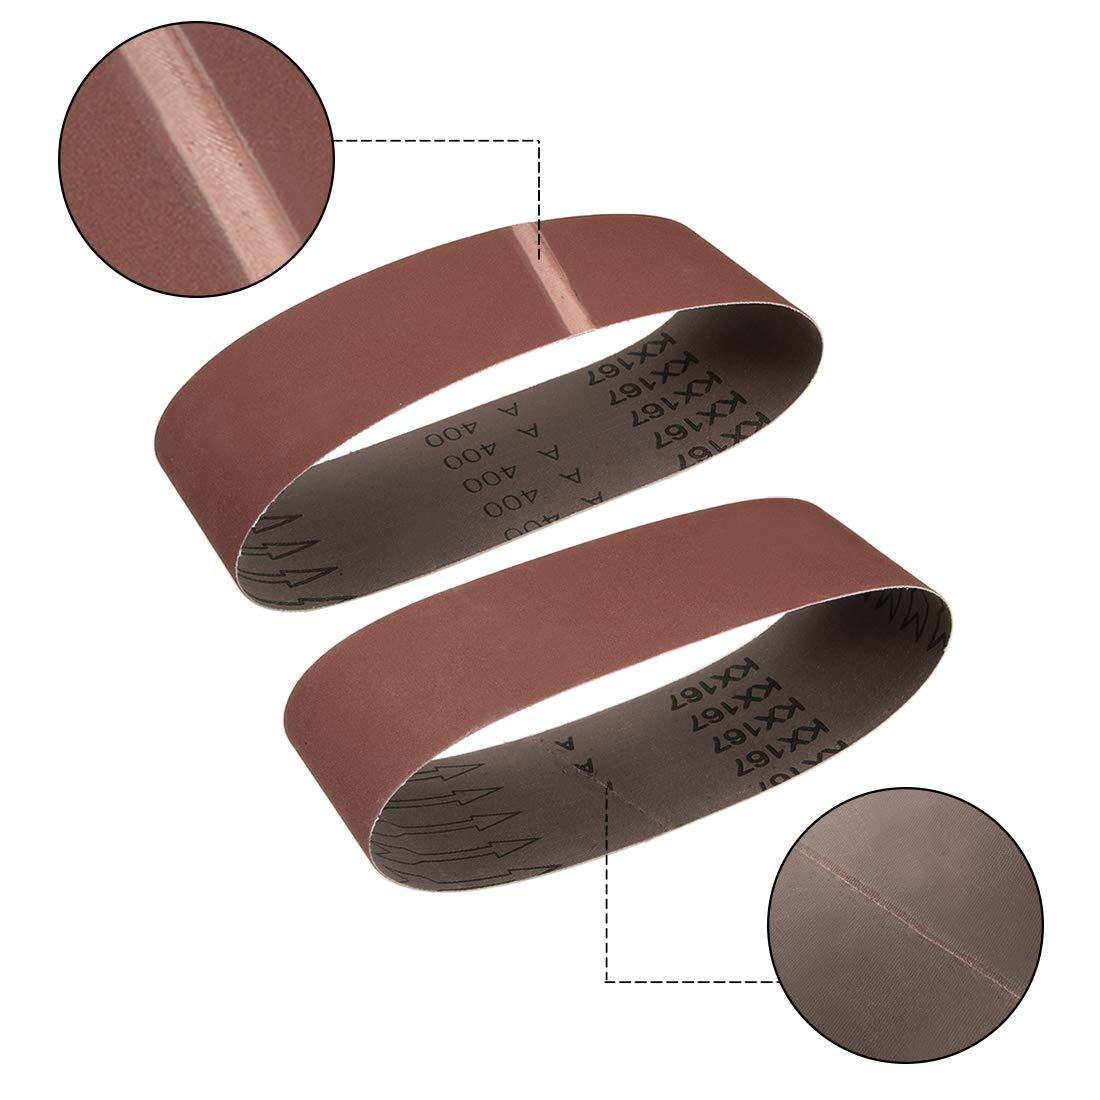 uxcell 3-inch x 21-inch 80-Grits Sanding Belt Aluminum Oxide Sand Belts for Belt Sander 5pcs